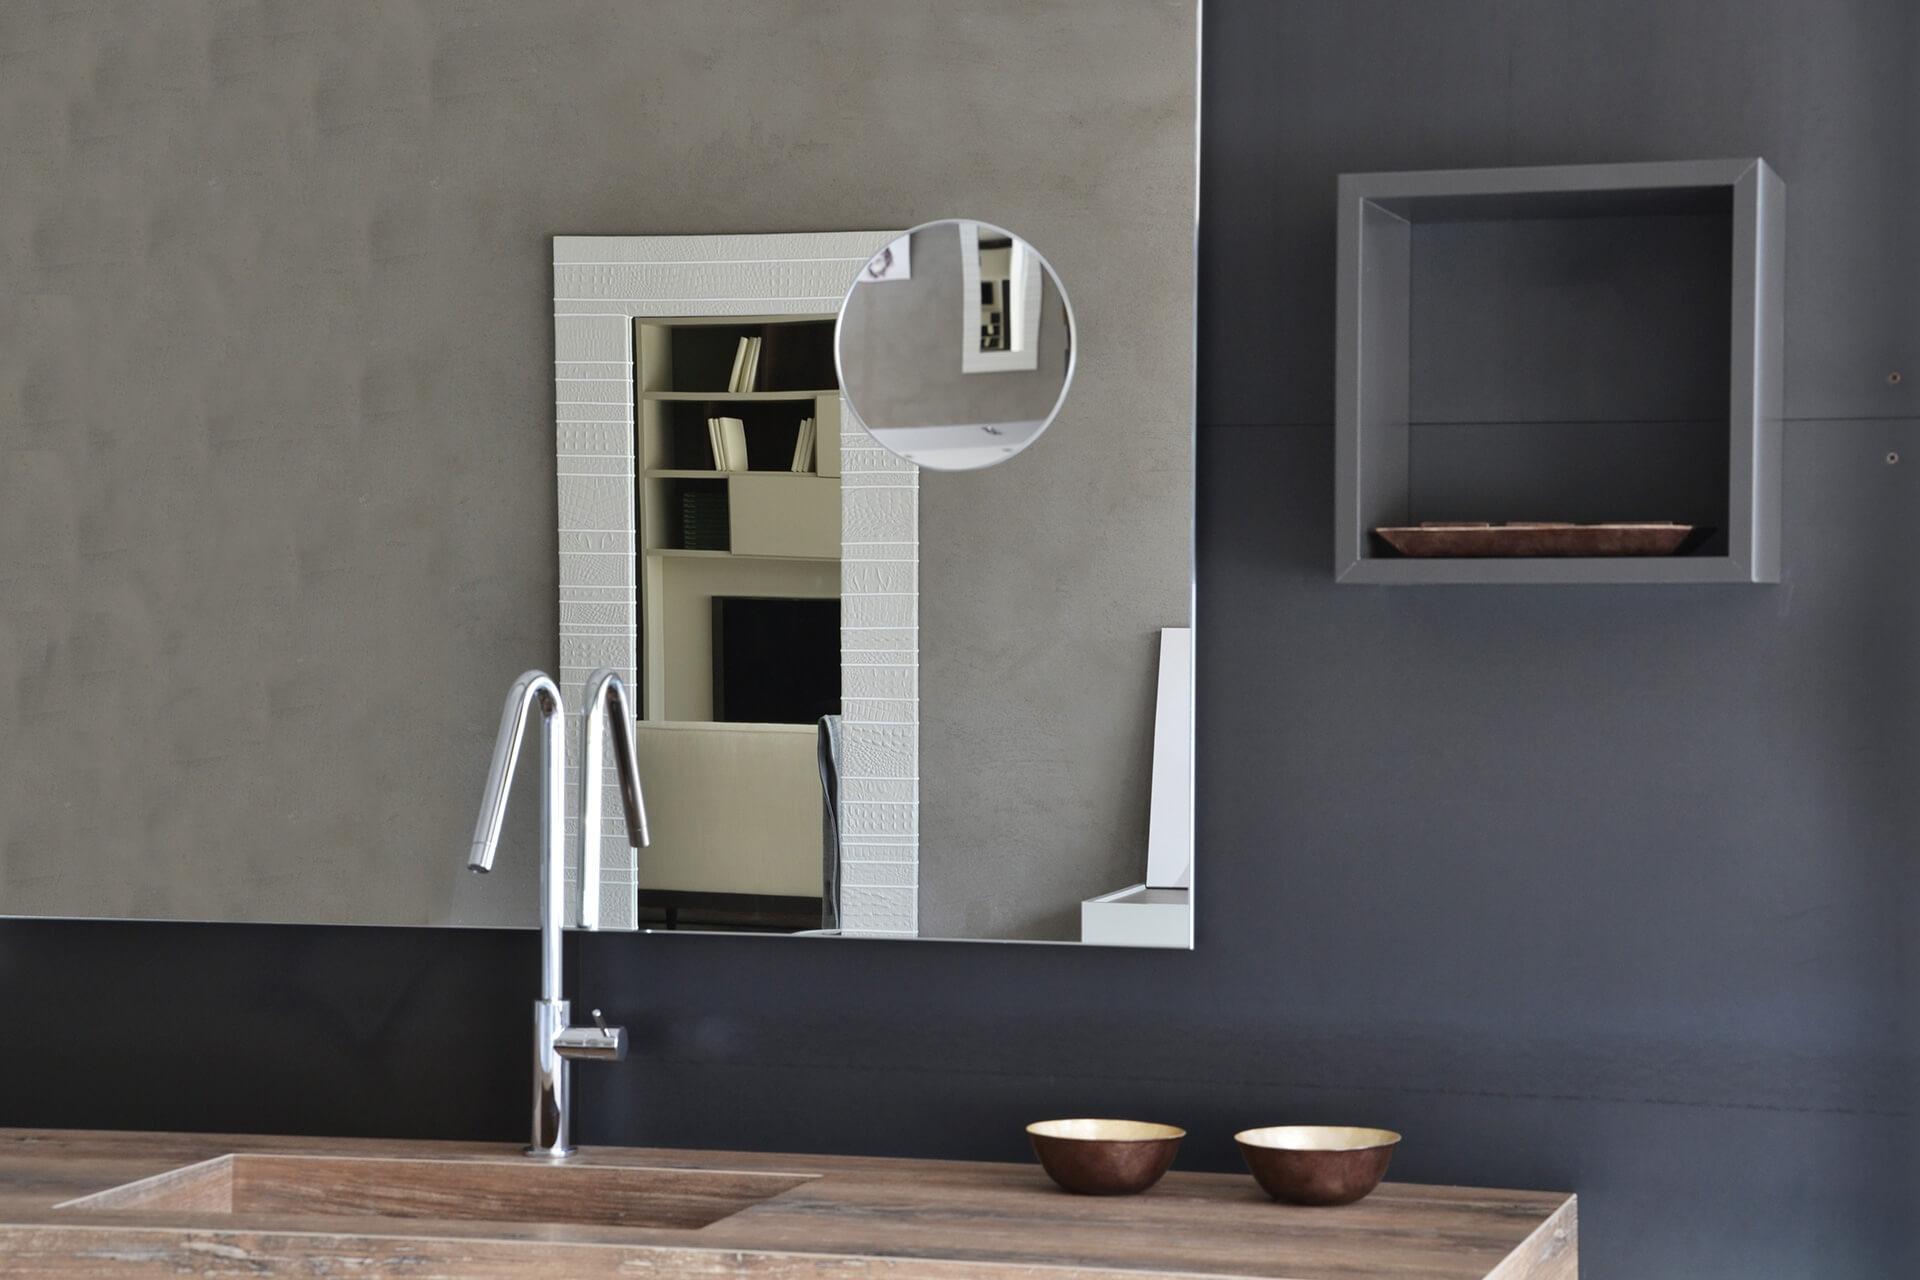 Bagno design accessories colombo design maniglie accessori bagno